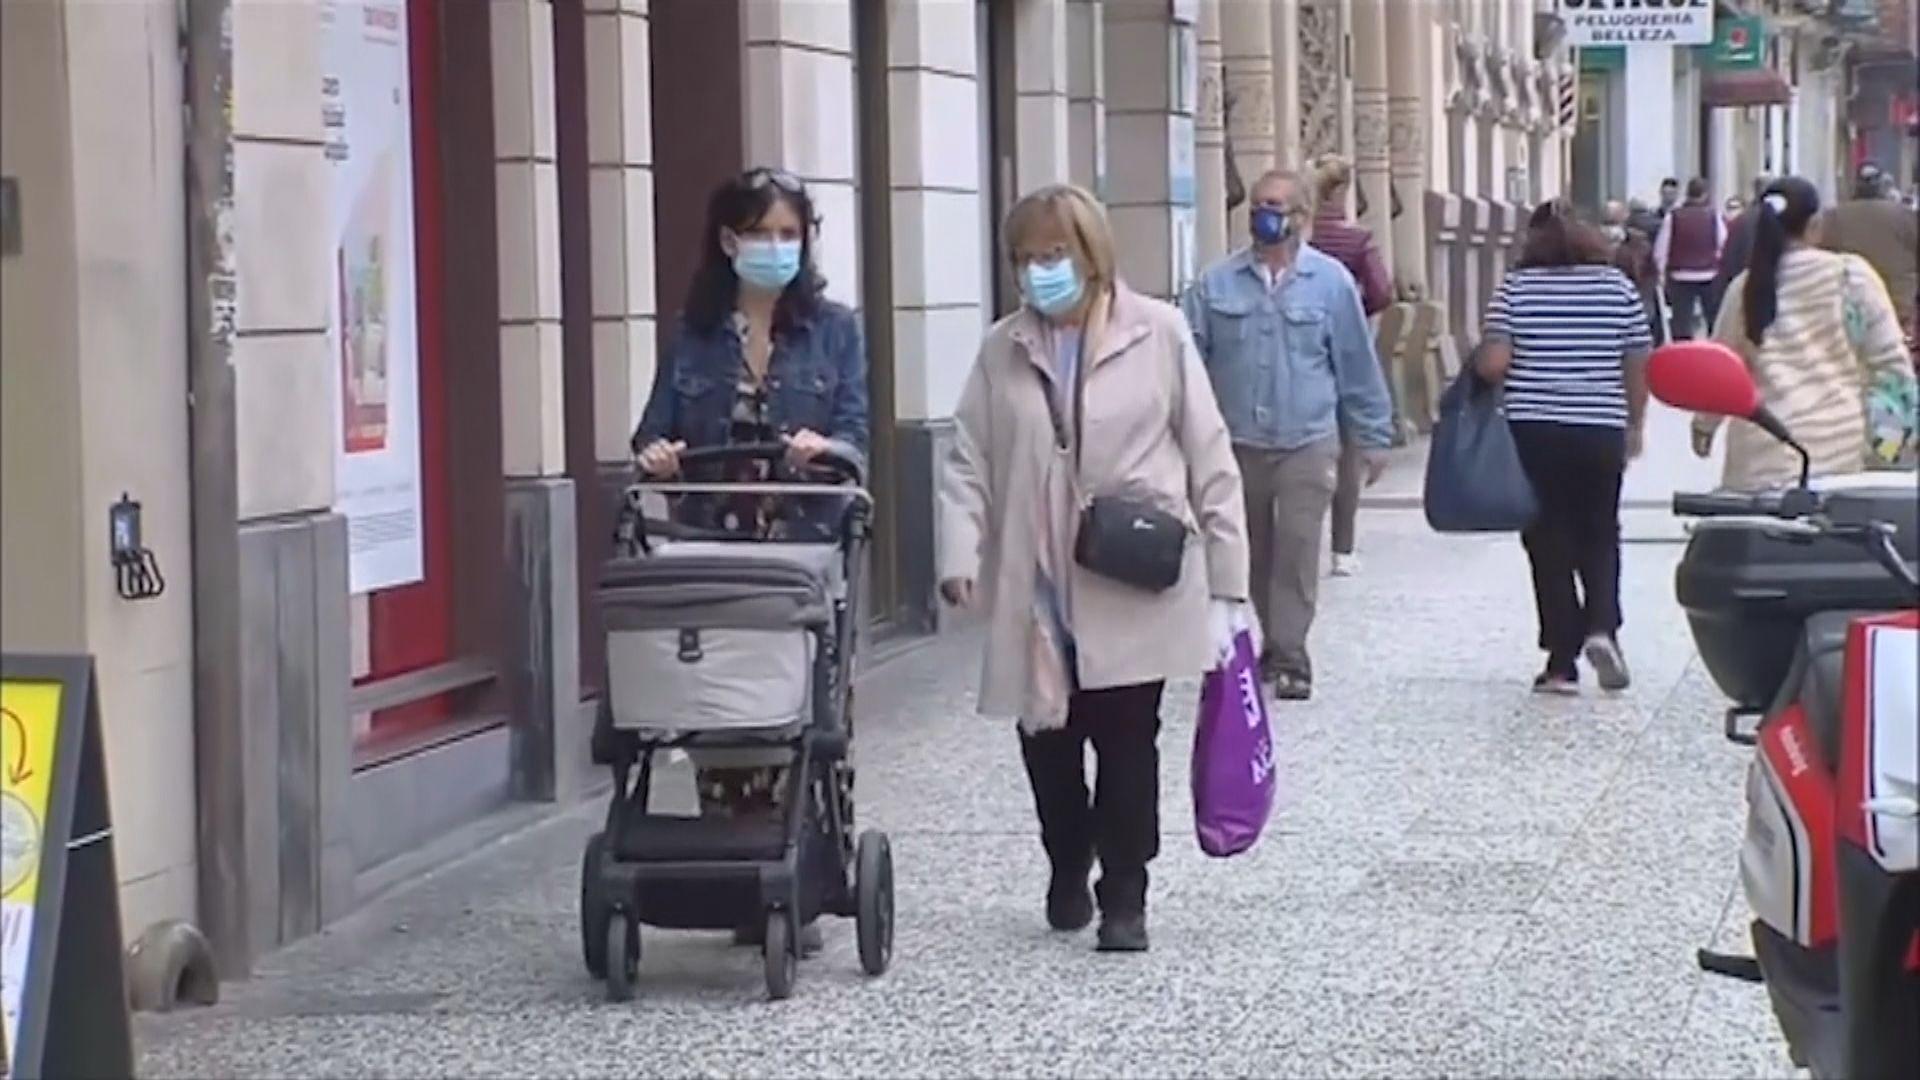 歐洲新型冠狀病毒疫情持續惡化